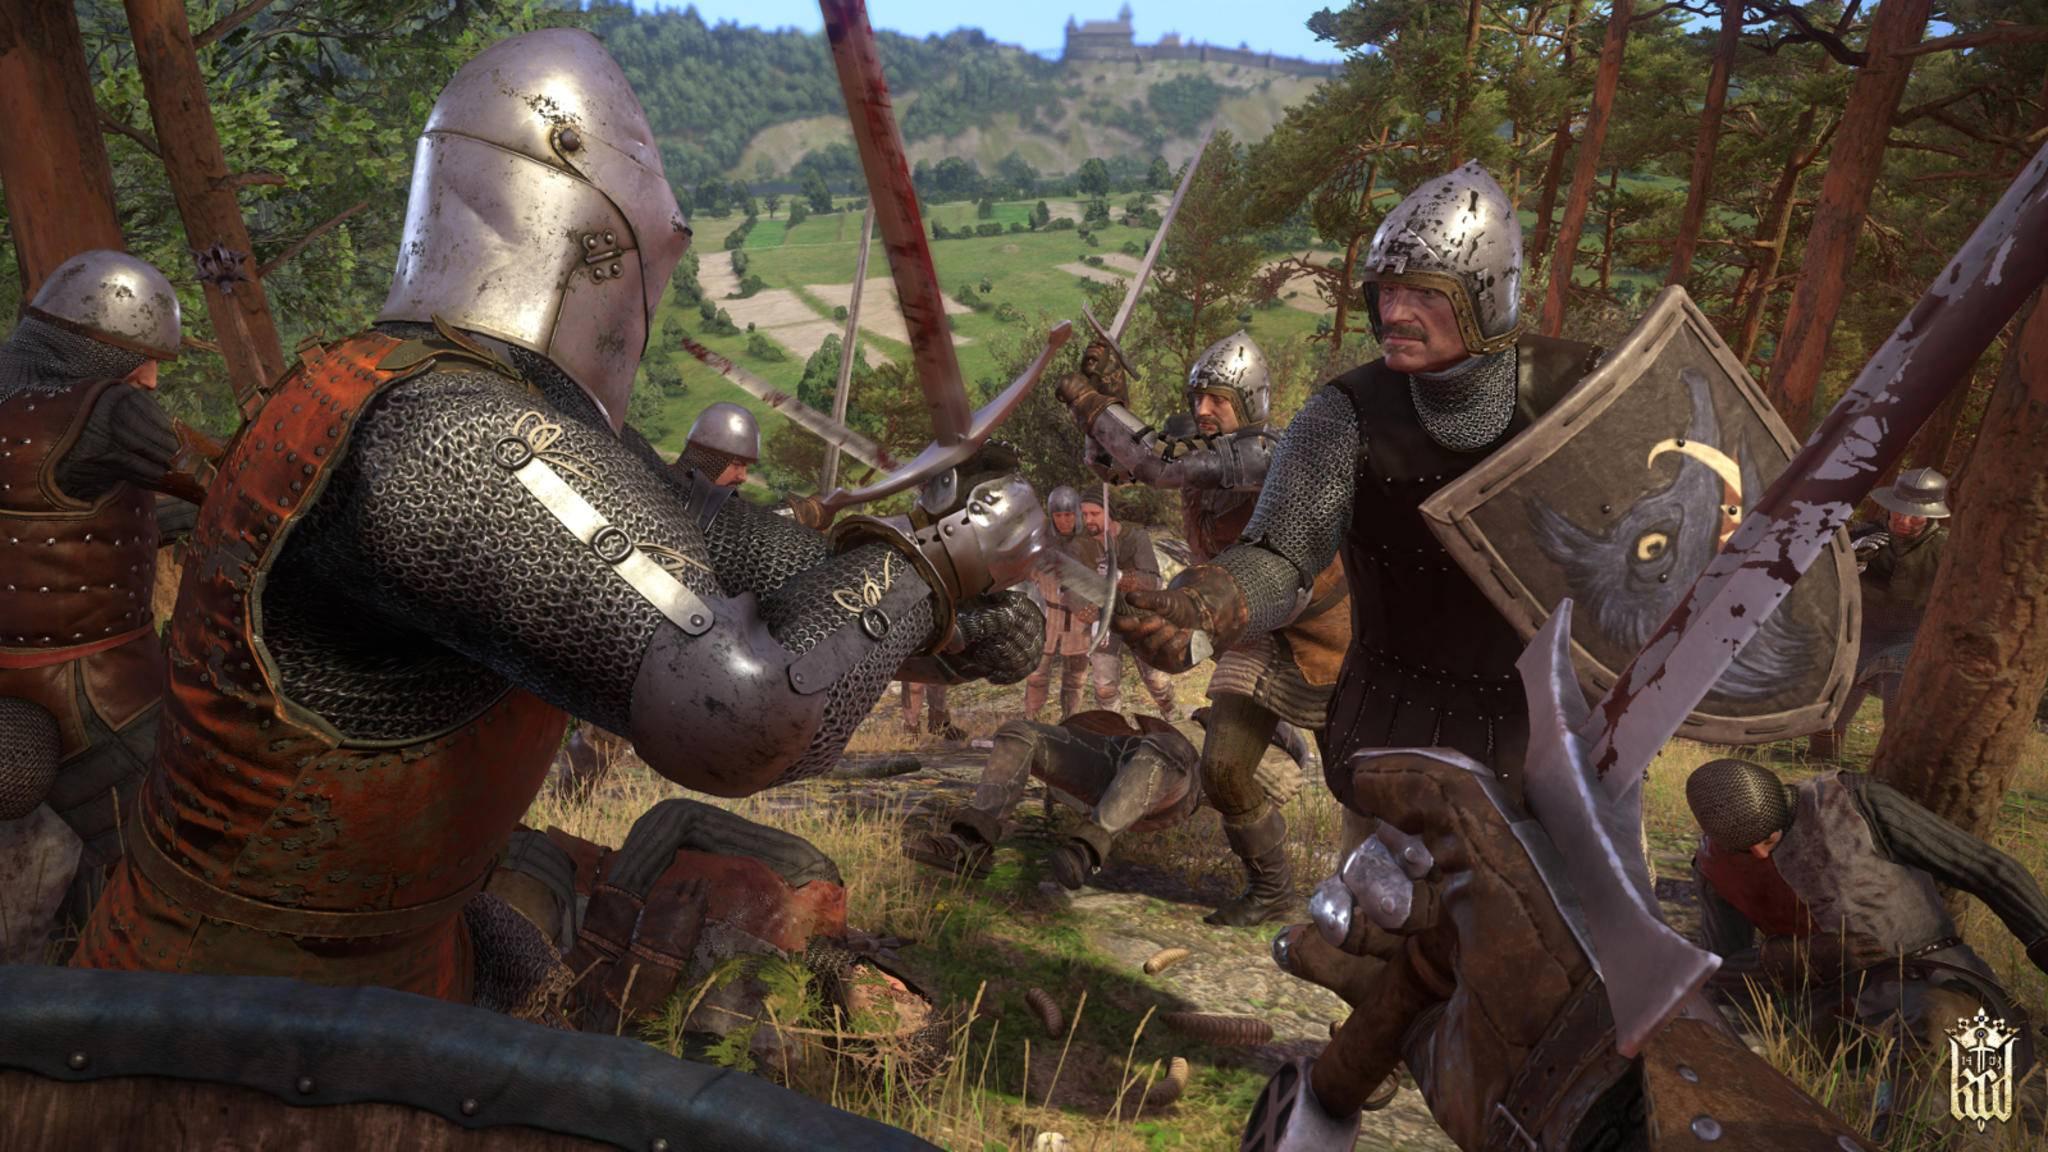 Kingdom Come Deliverance: Budget des Mittelalter-Rollenspiels enthüllt?